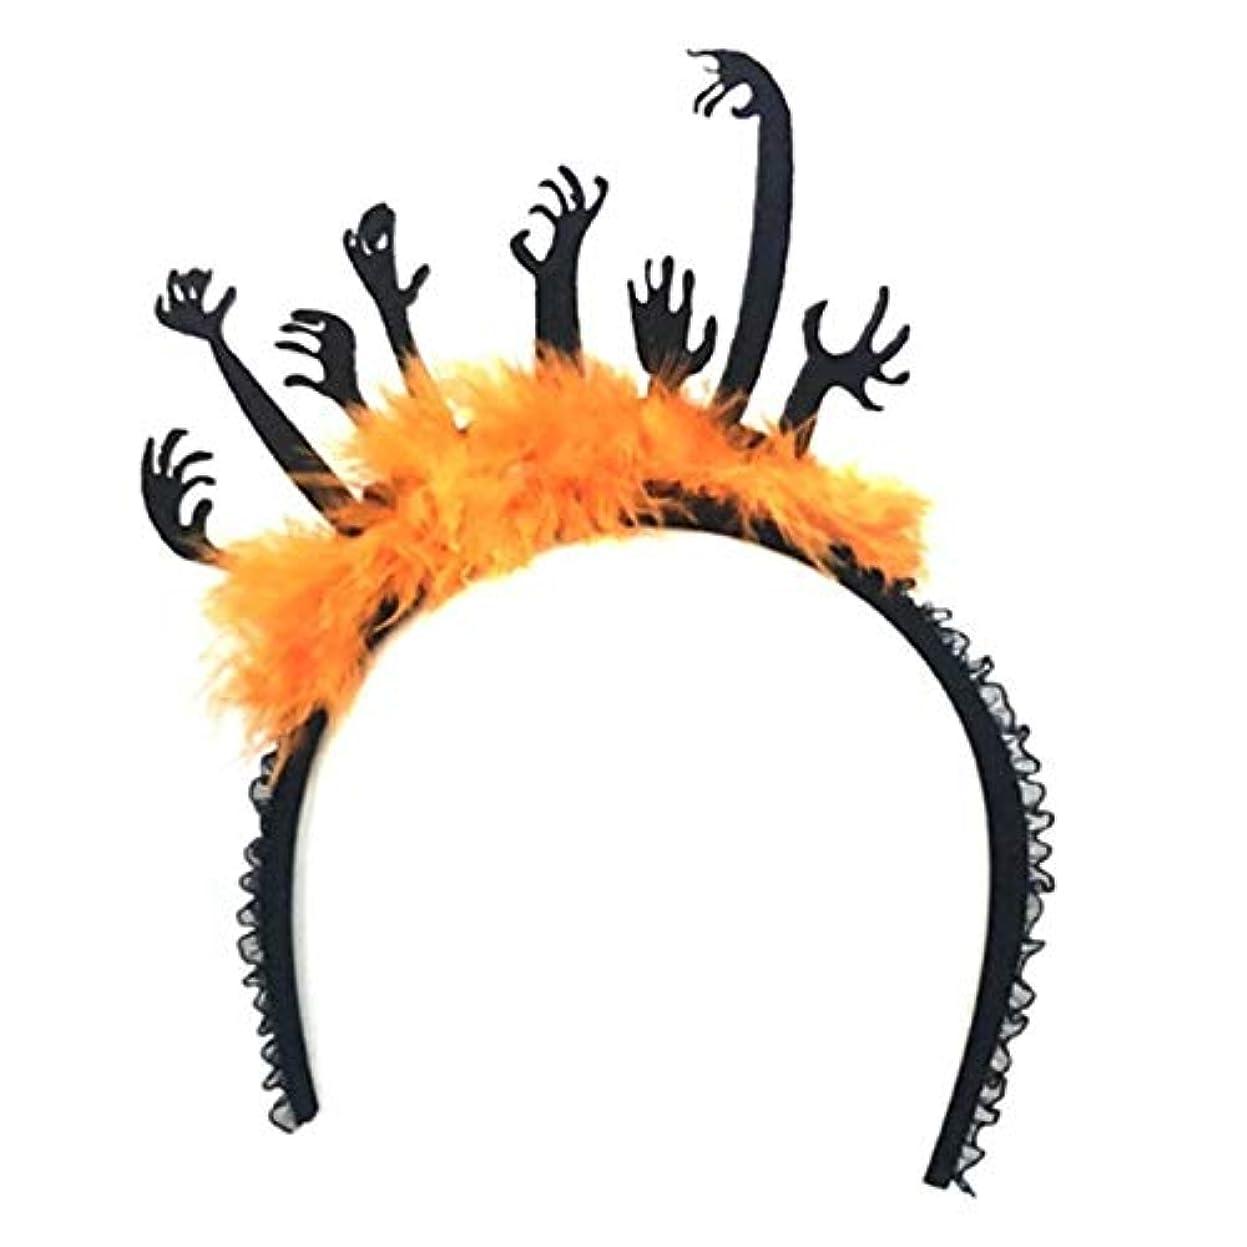 リーガン野心的味付け大人子供怖いゴーストハンドハロウィーン髪フープコントラスト色ふわふわフェザーフリルカチューシャコスプレ衣装ヘッドピース ZHEN CHEN (色 : Gold)